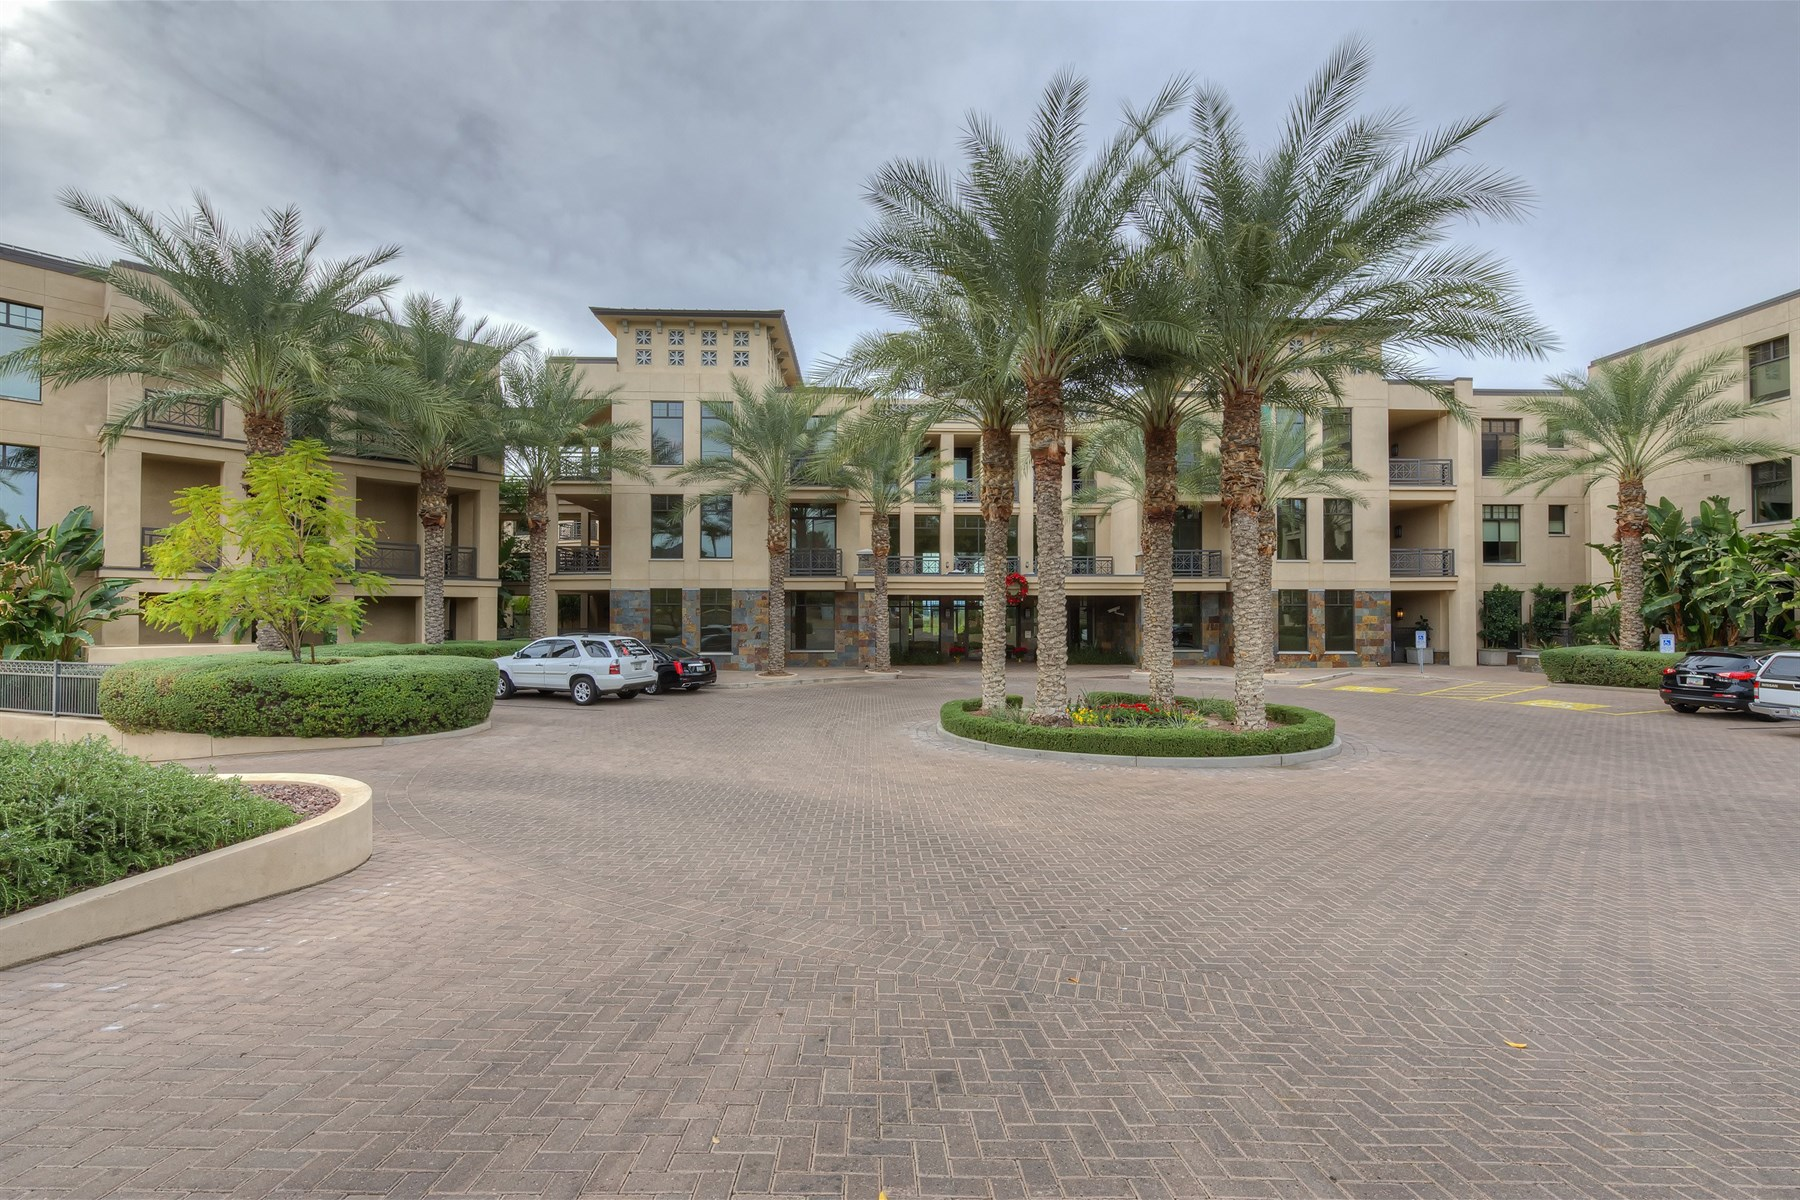 一戸建て のために 売買 アット Luxury condo in Fairway Lodge. 8 BILTMORE EST 212 Phoenix, アリゾナ 85016 アメリカ合衆国